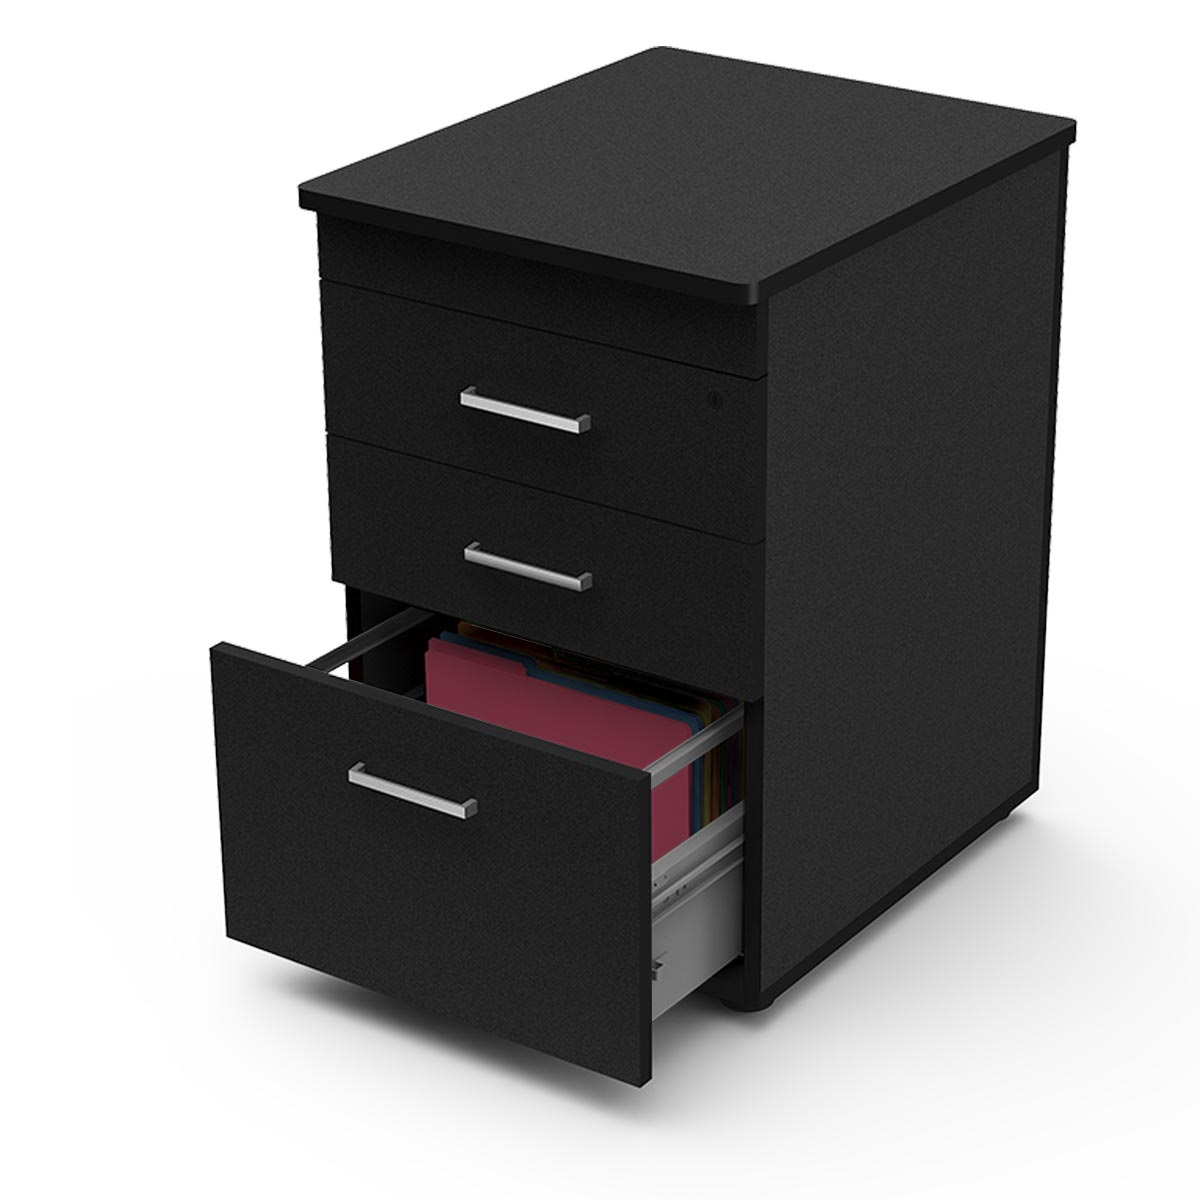 Grupo meta soluciones de limpieza muebles y oficina for Muebles de oficina ahora 12